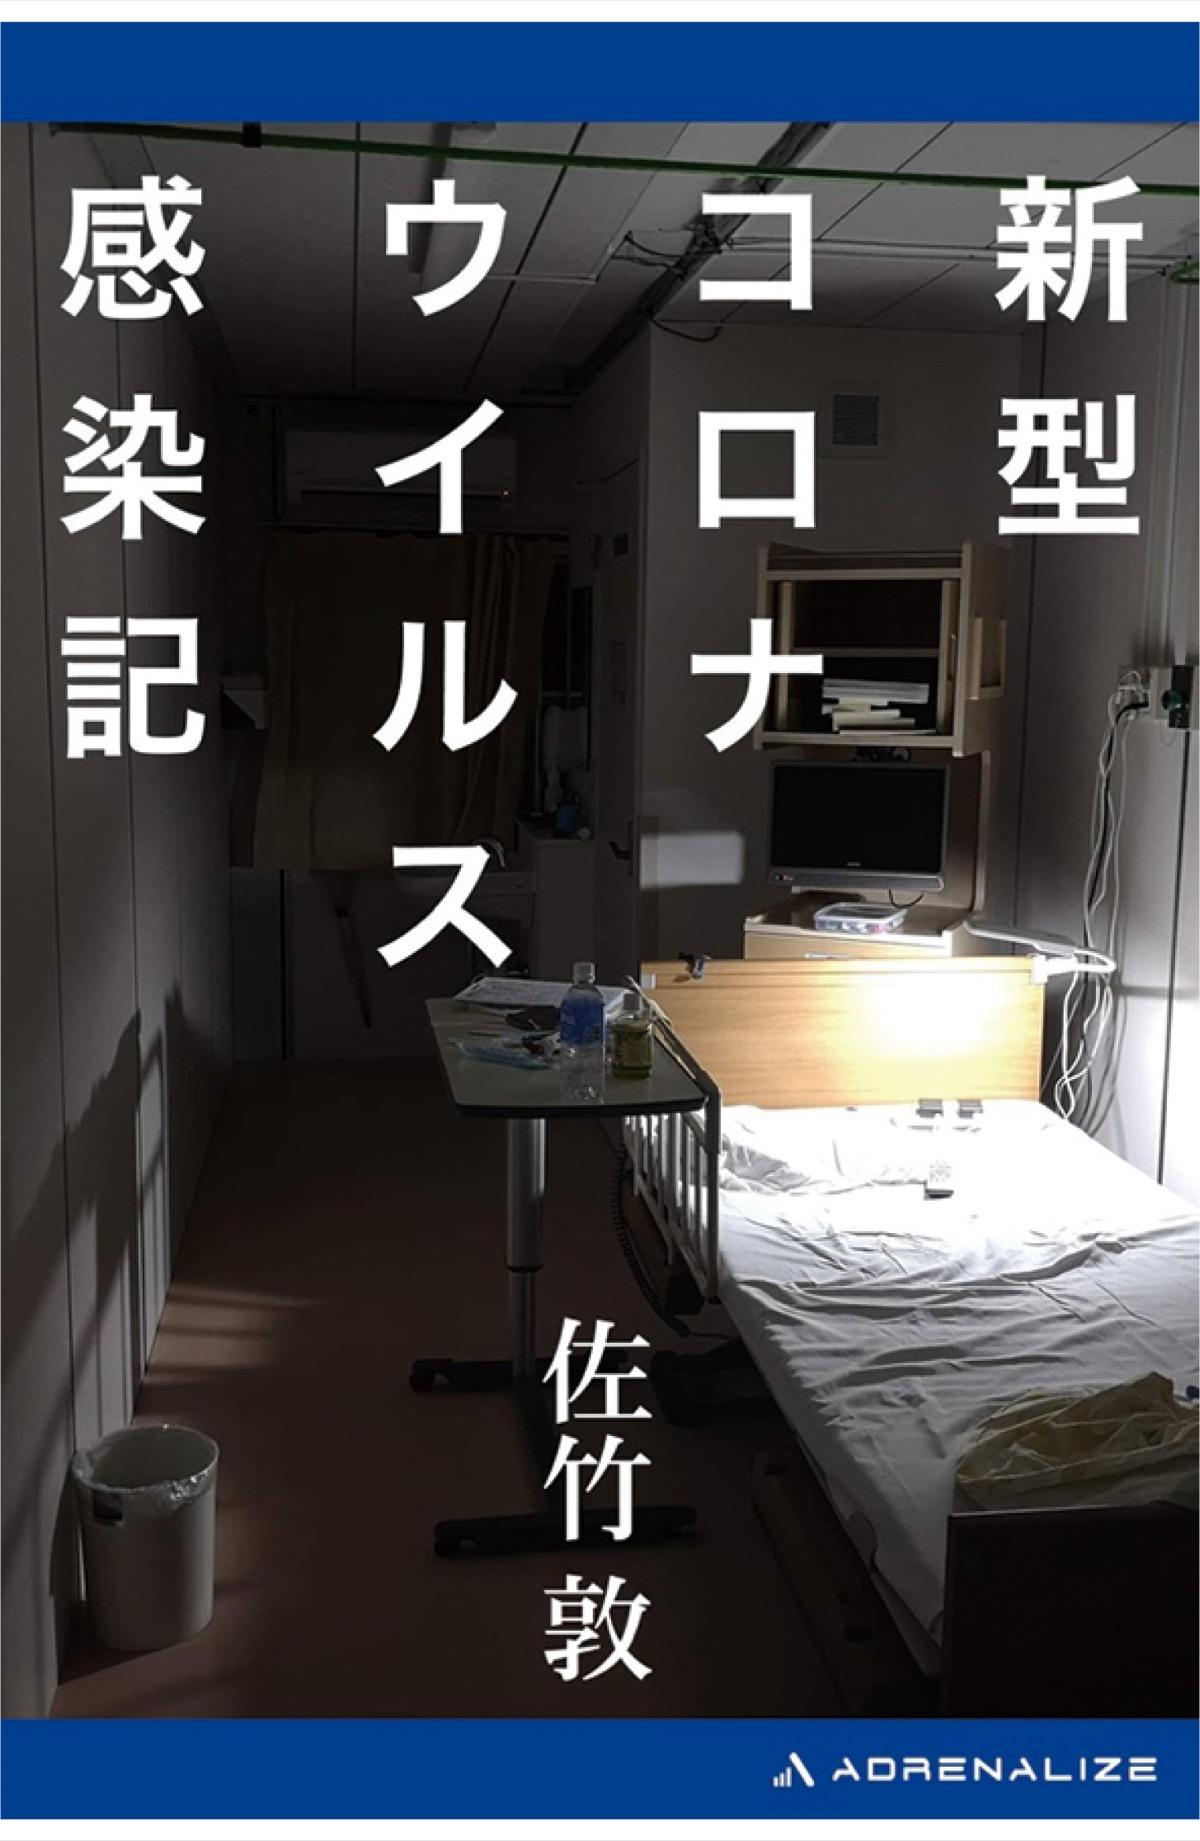 者 横須賀 感染